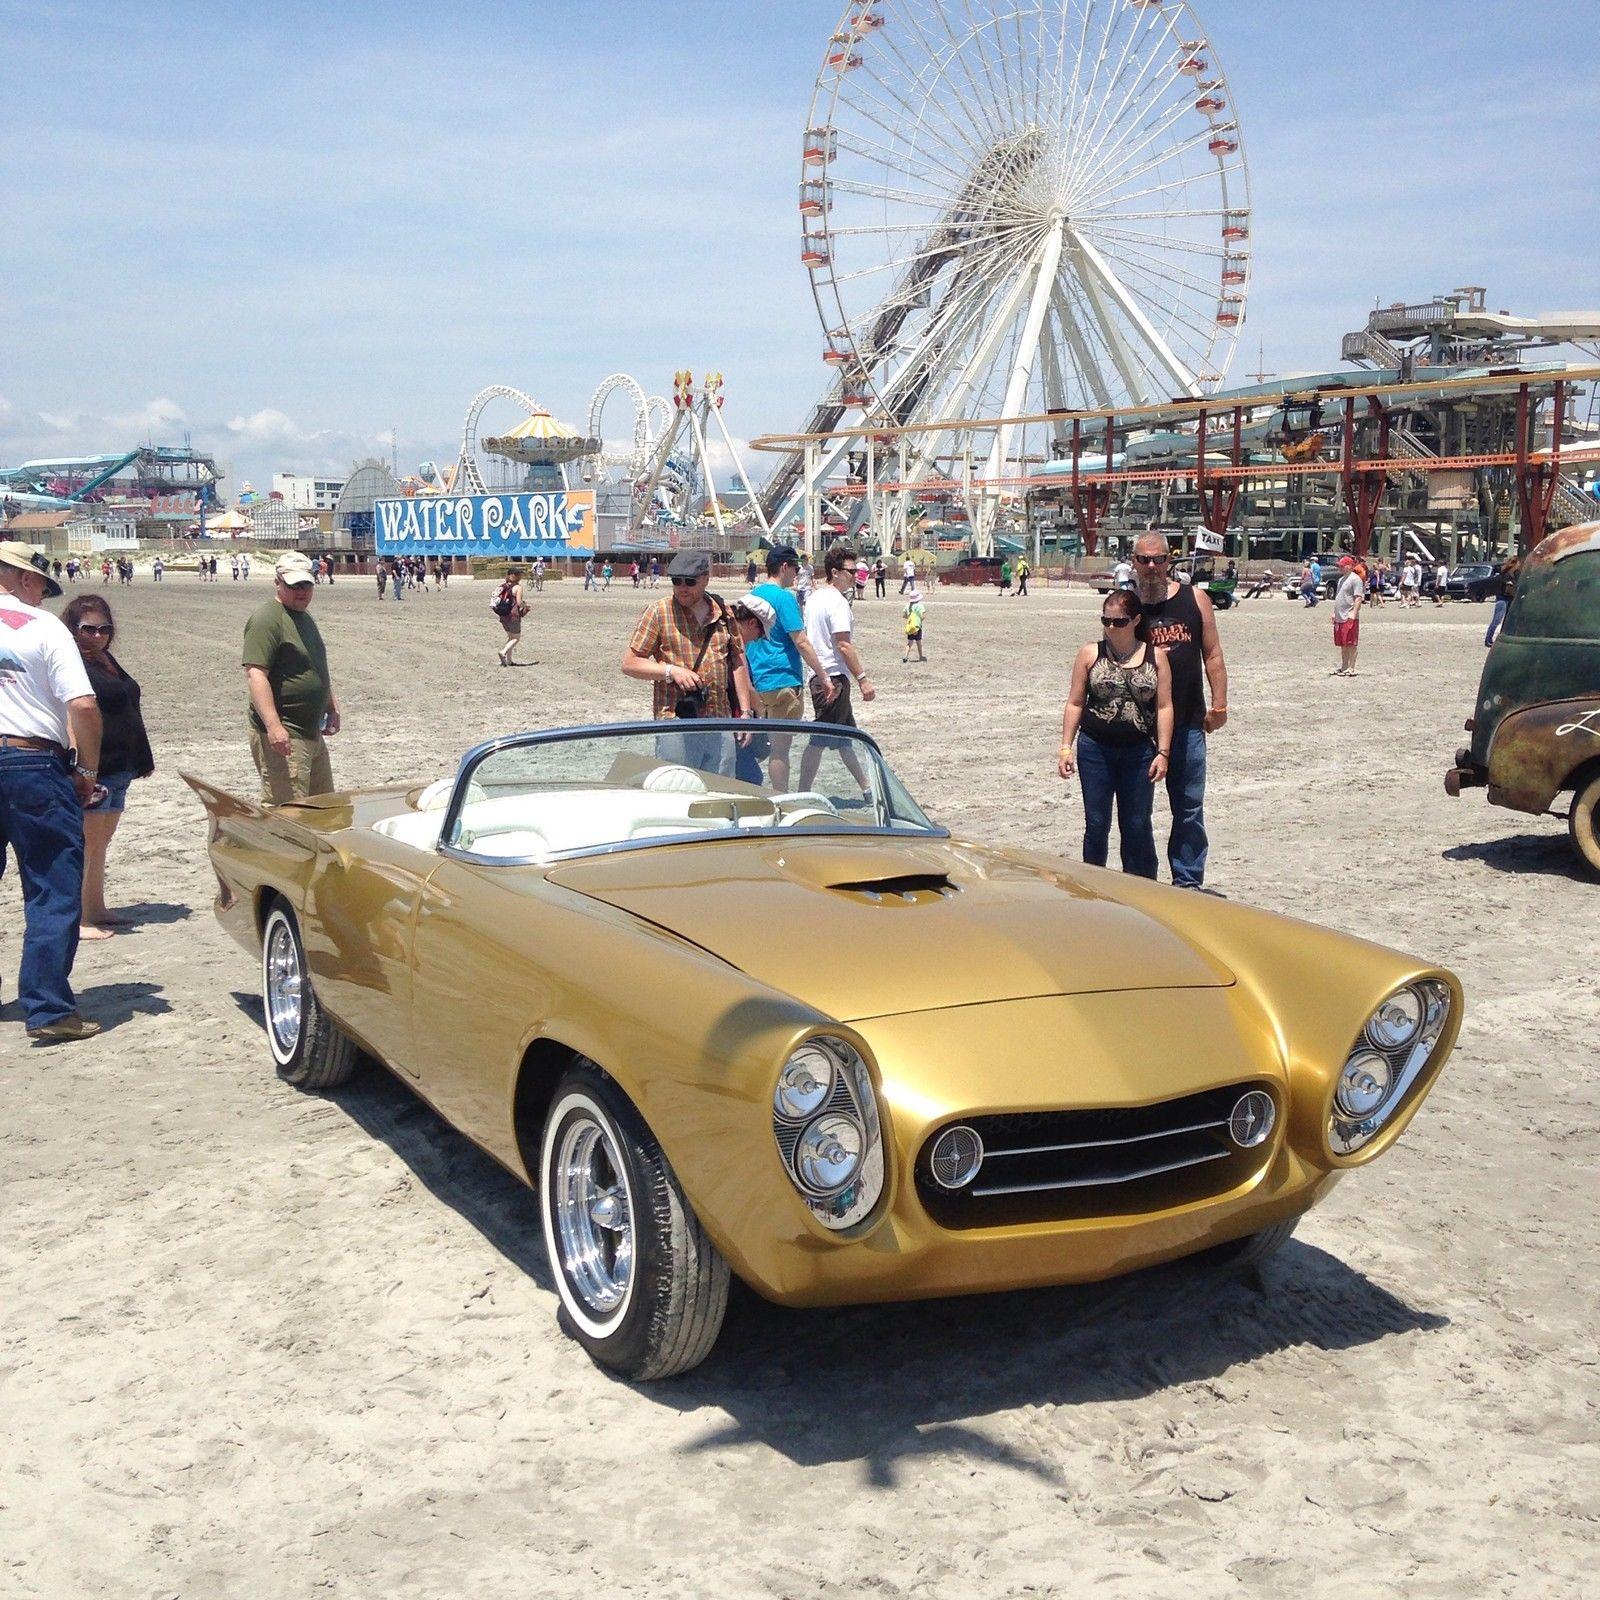 http://www.ebay.com/itm/1957-Ford-Thunderbird-roadster-/172249118416 ...